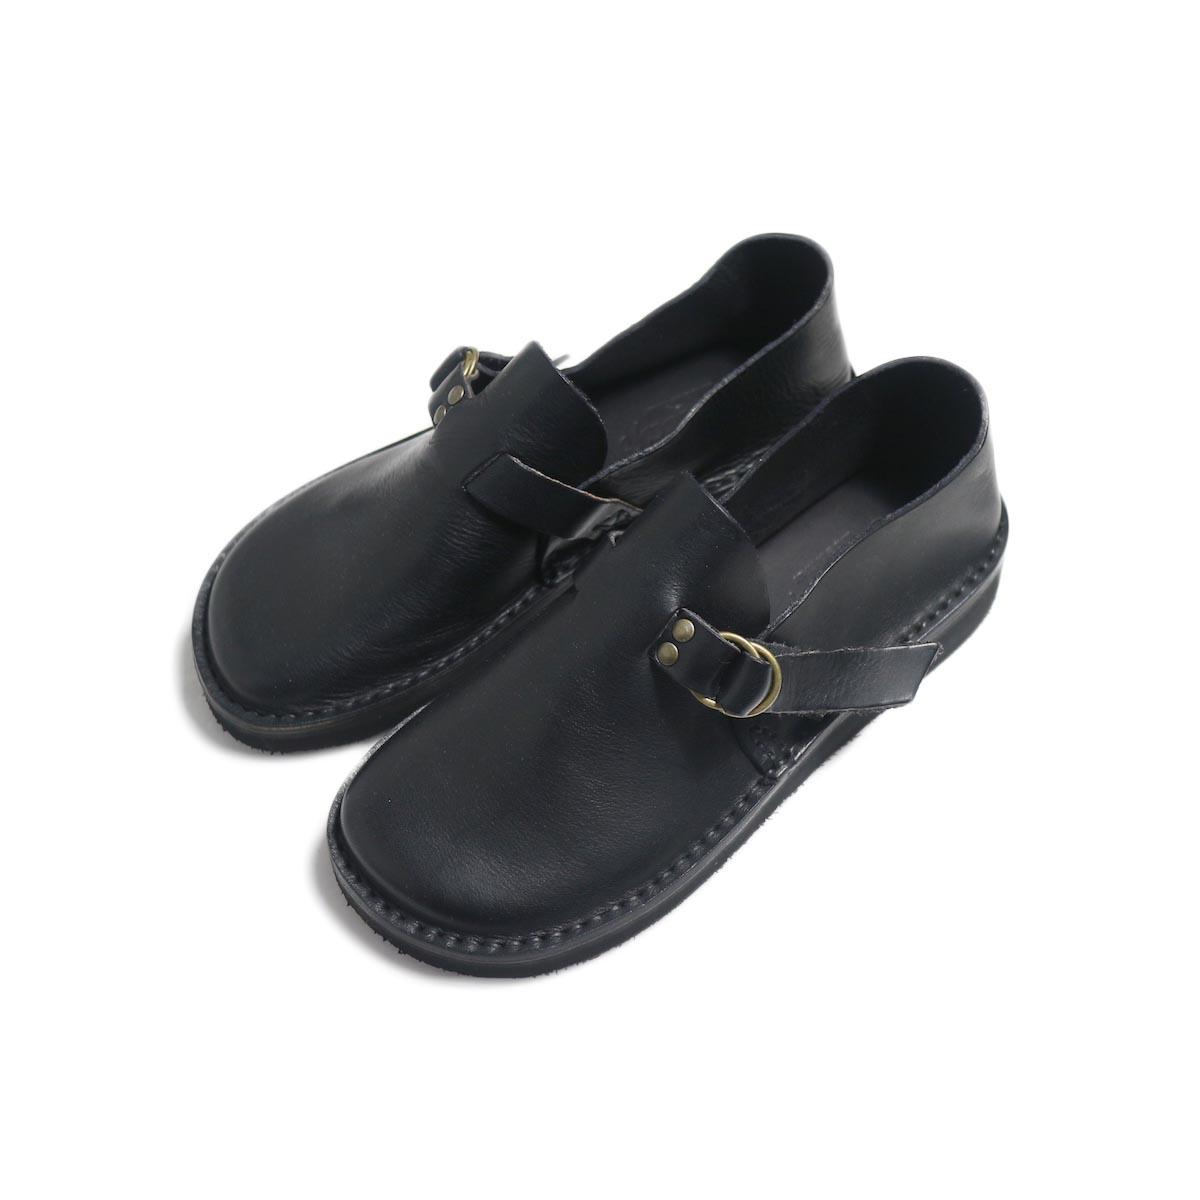 Fracap / R007 Leather Shoes -Black 全体